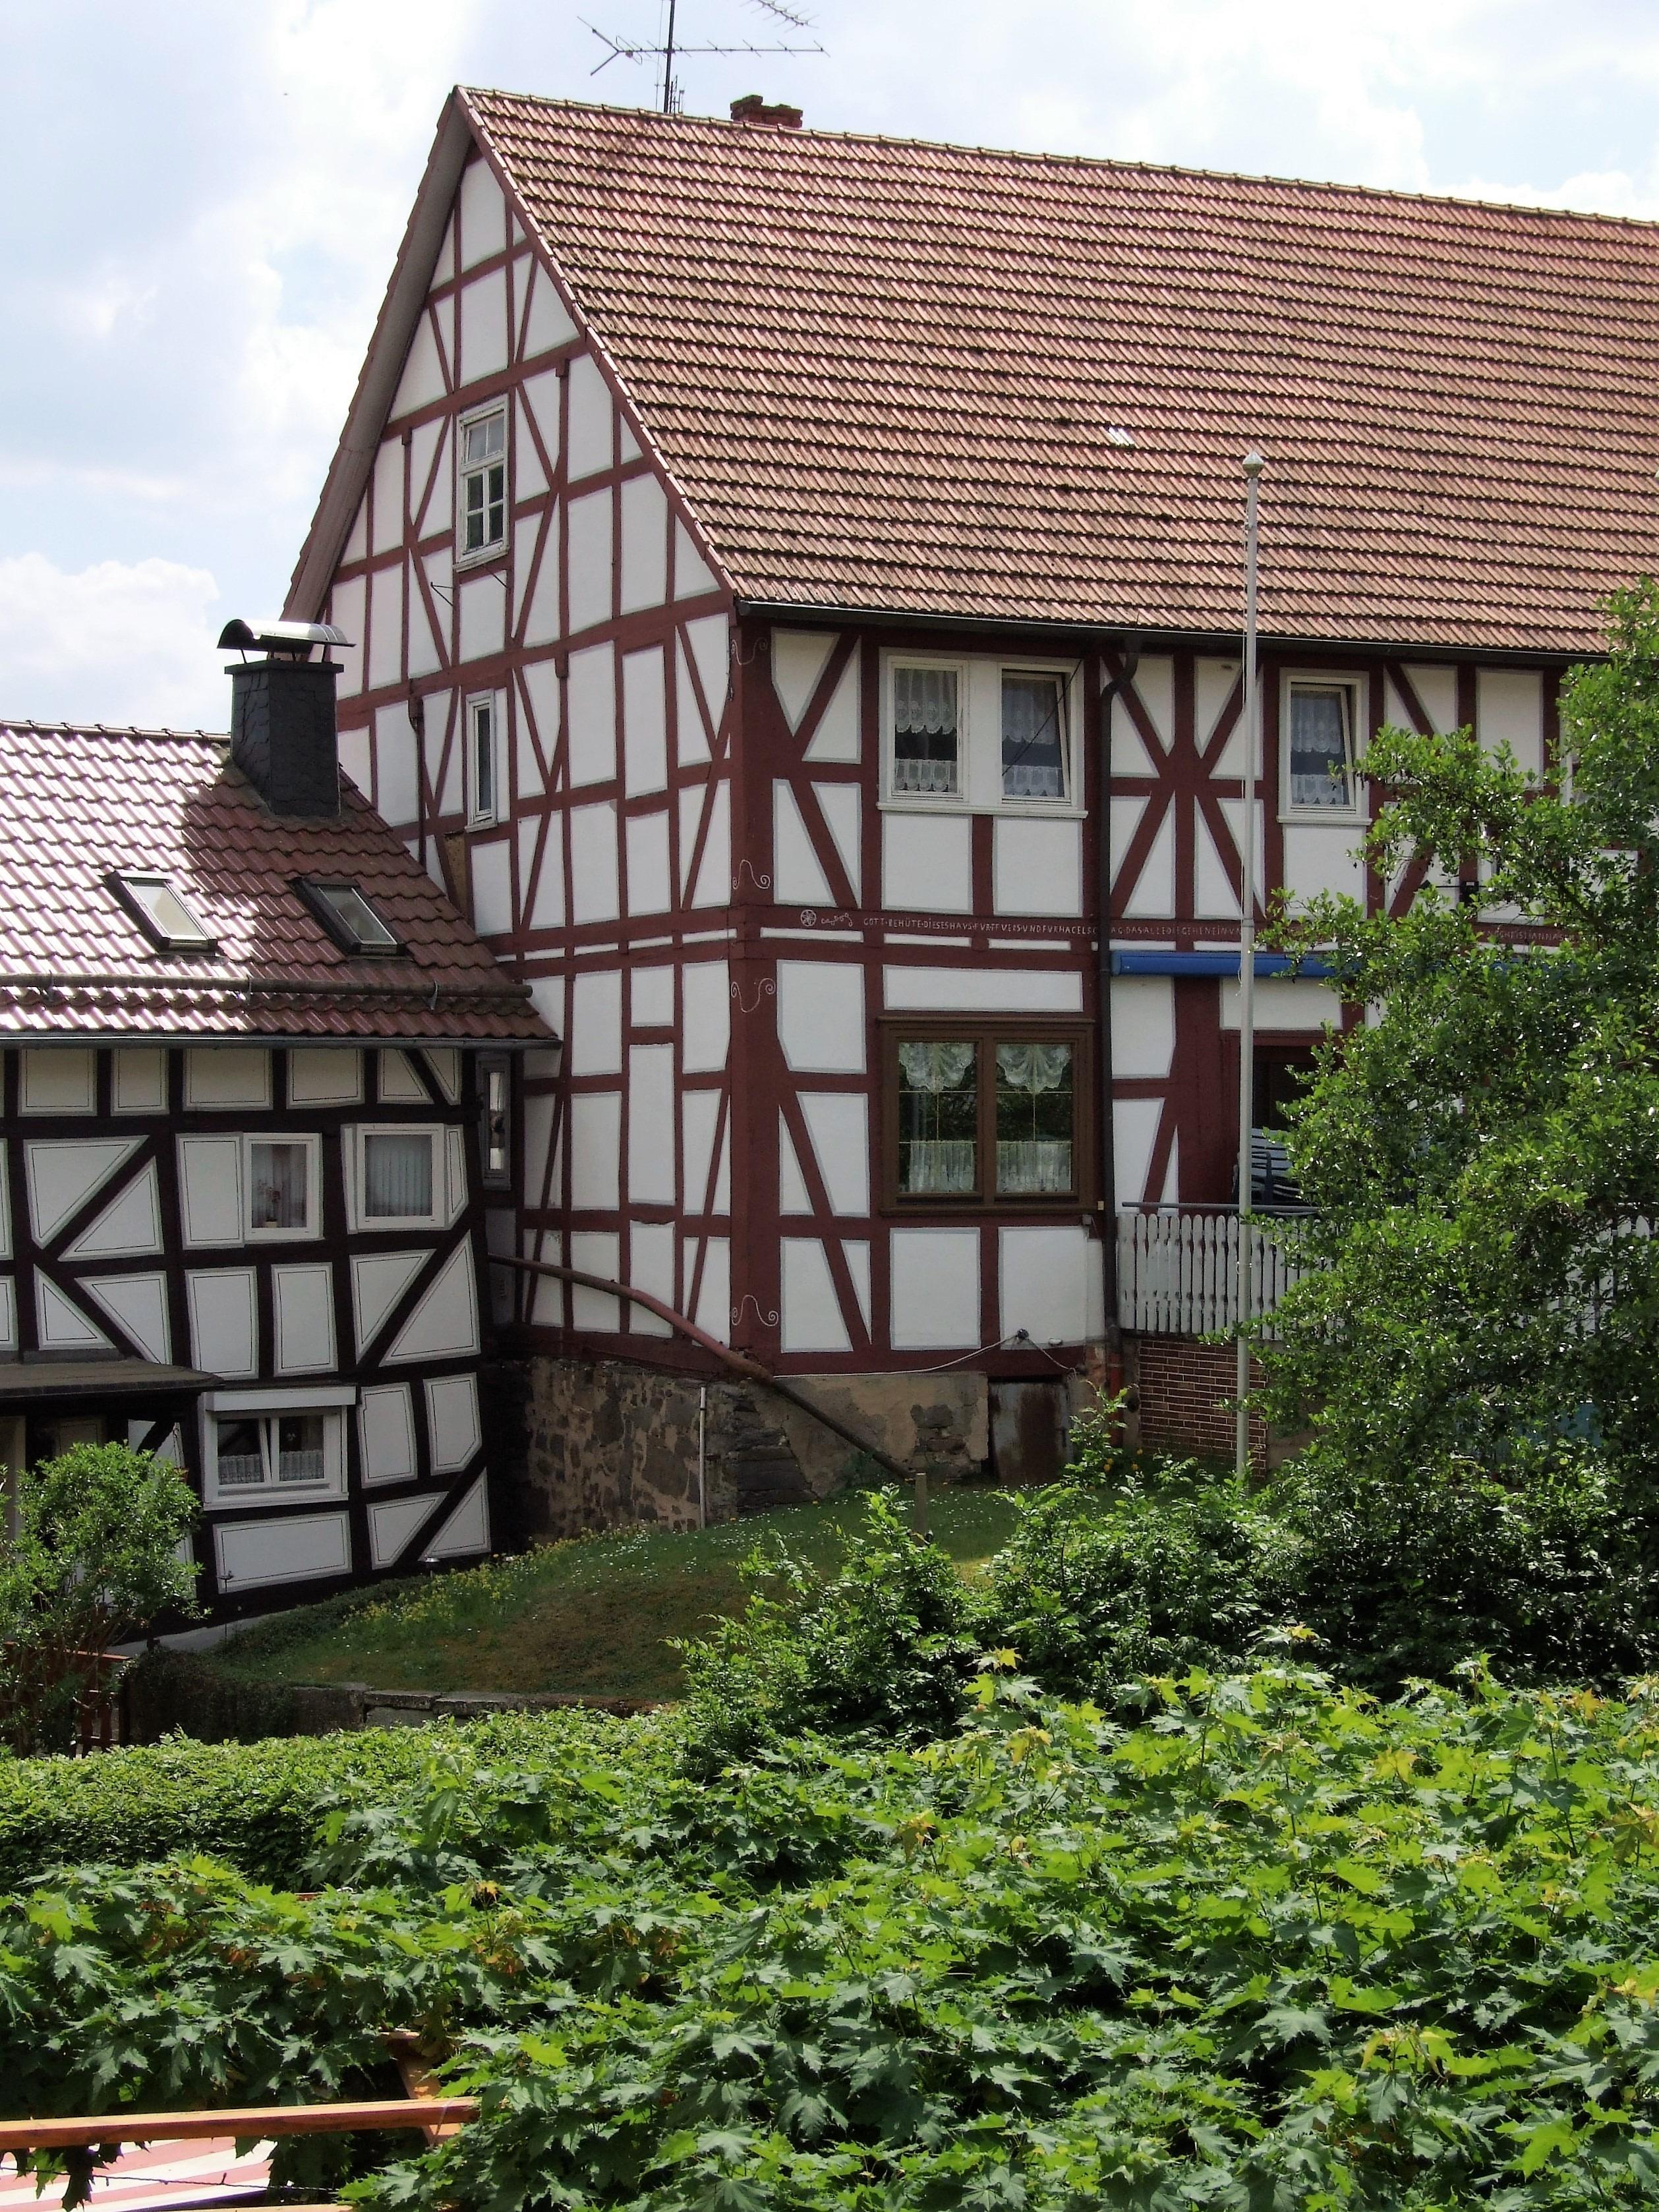 Fachwerkhäuser prägen das Ortsbild von Hemfurth. (Foto: Uli Klein)